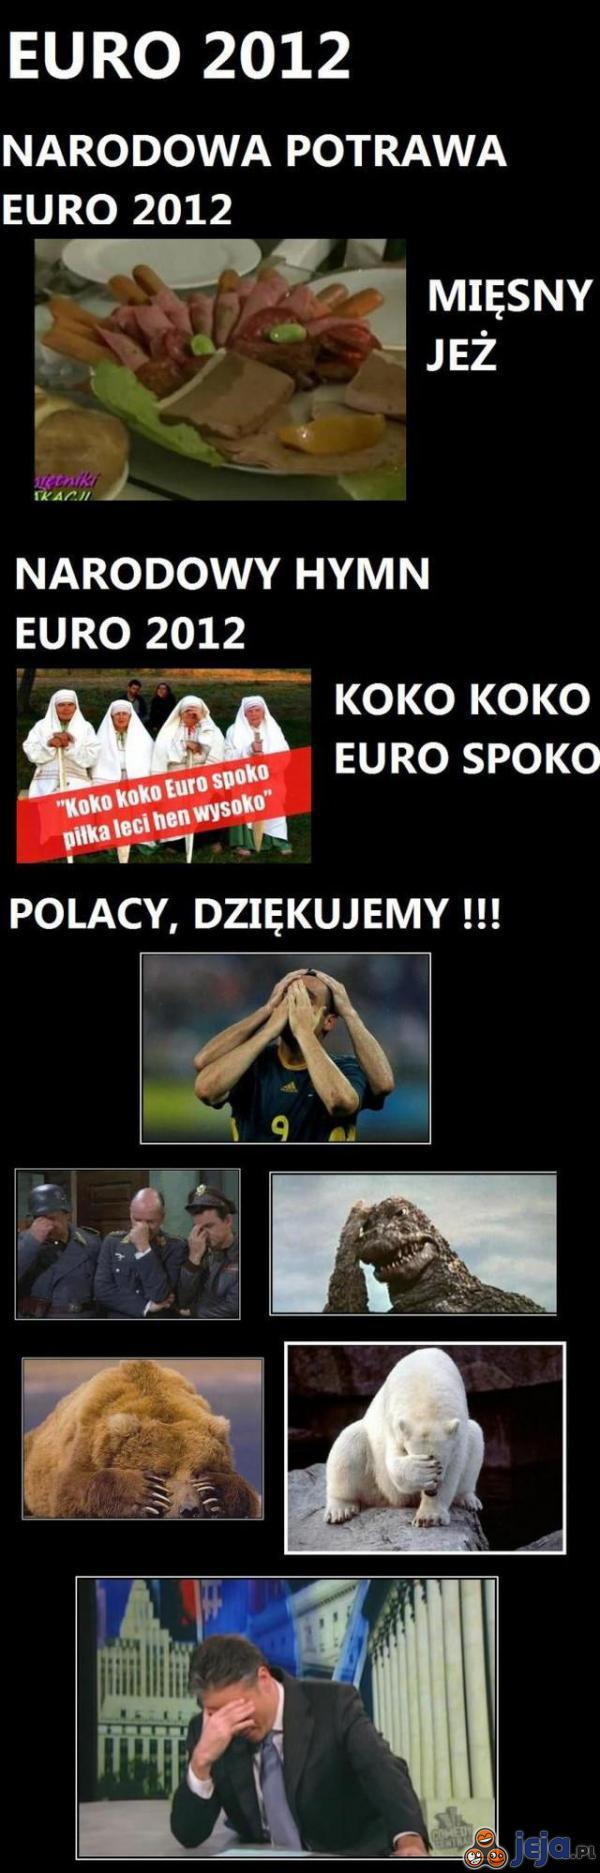 Euro 2012 w Polsce